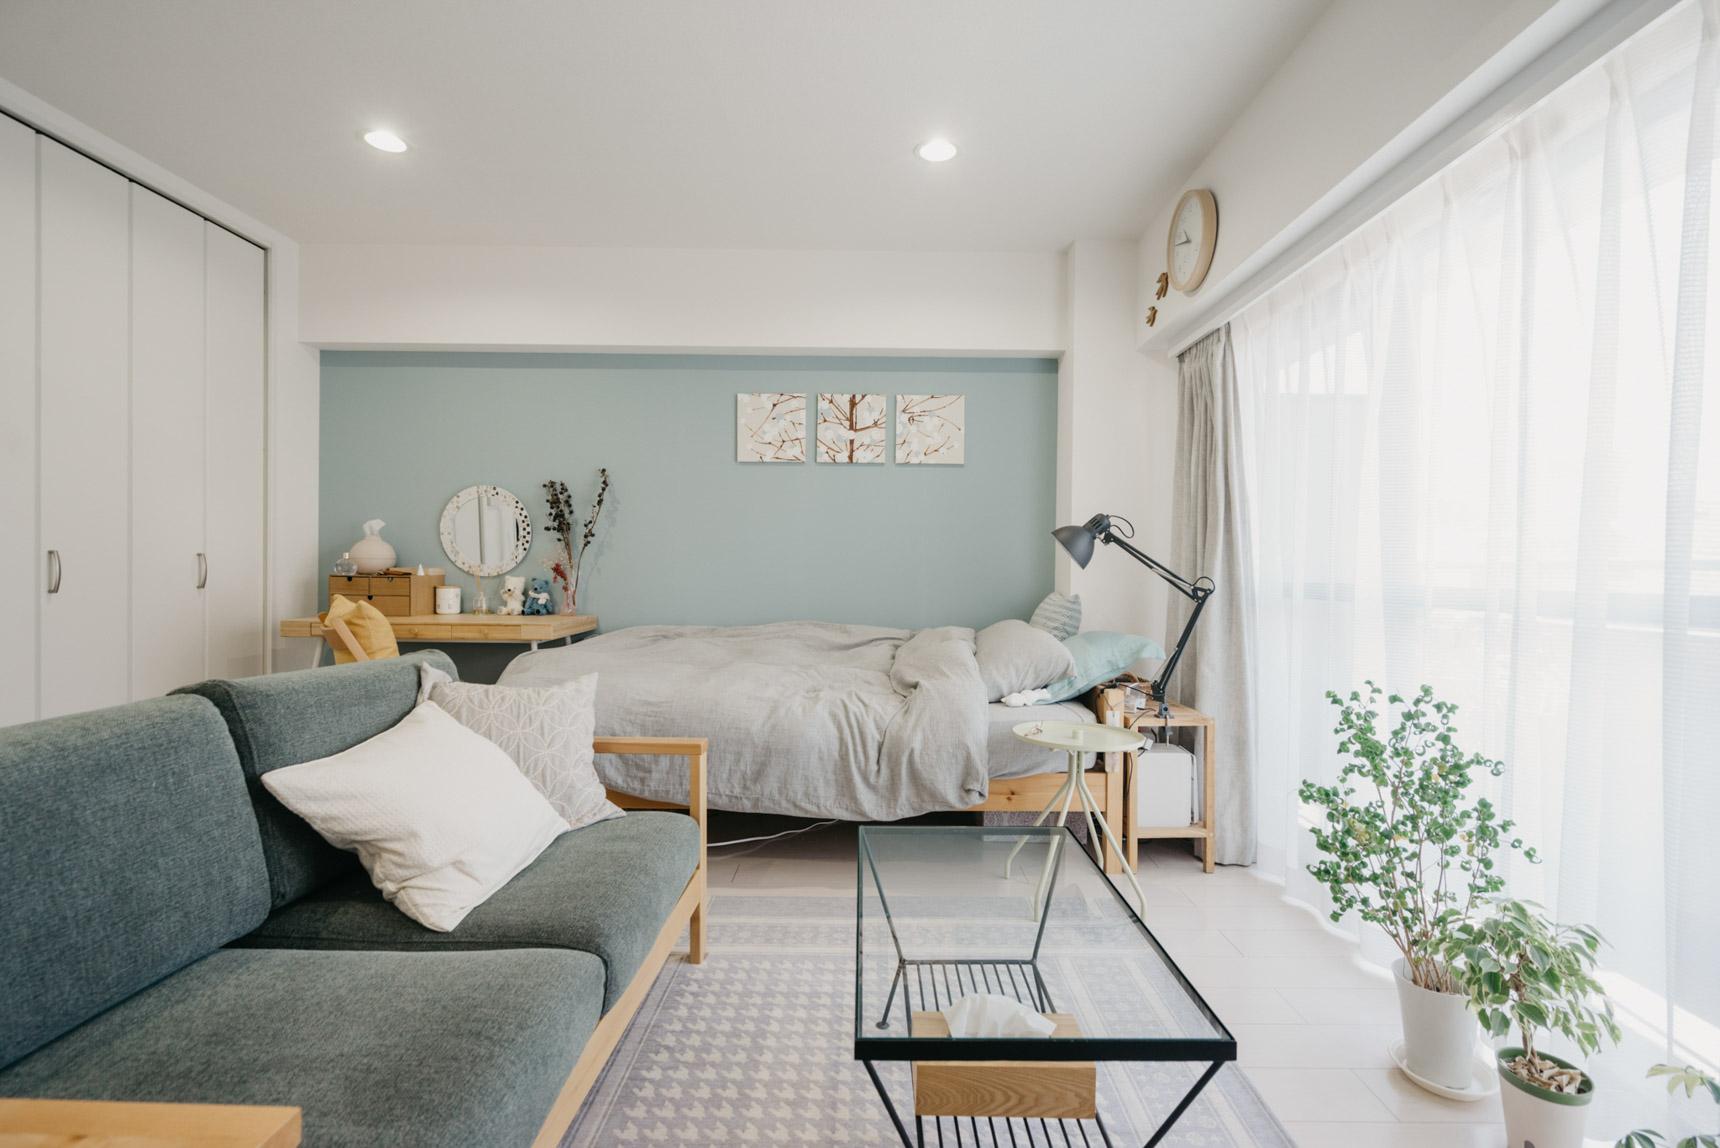 ワンルームのお部屋に住むruka.さんのお部屋。北欧風の雰囲気にナチュラルテイストの家具をセレクトしています。